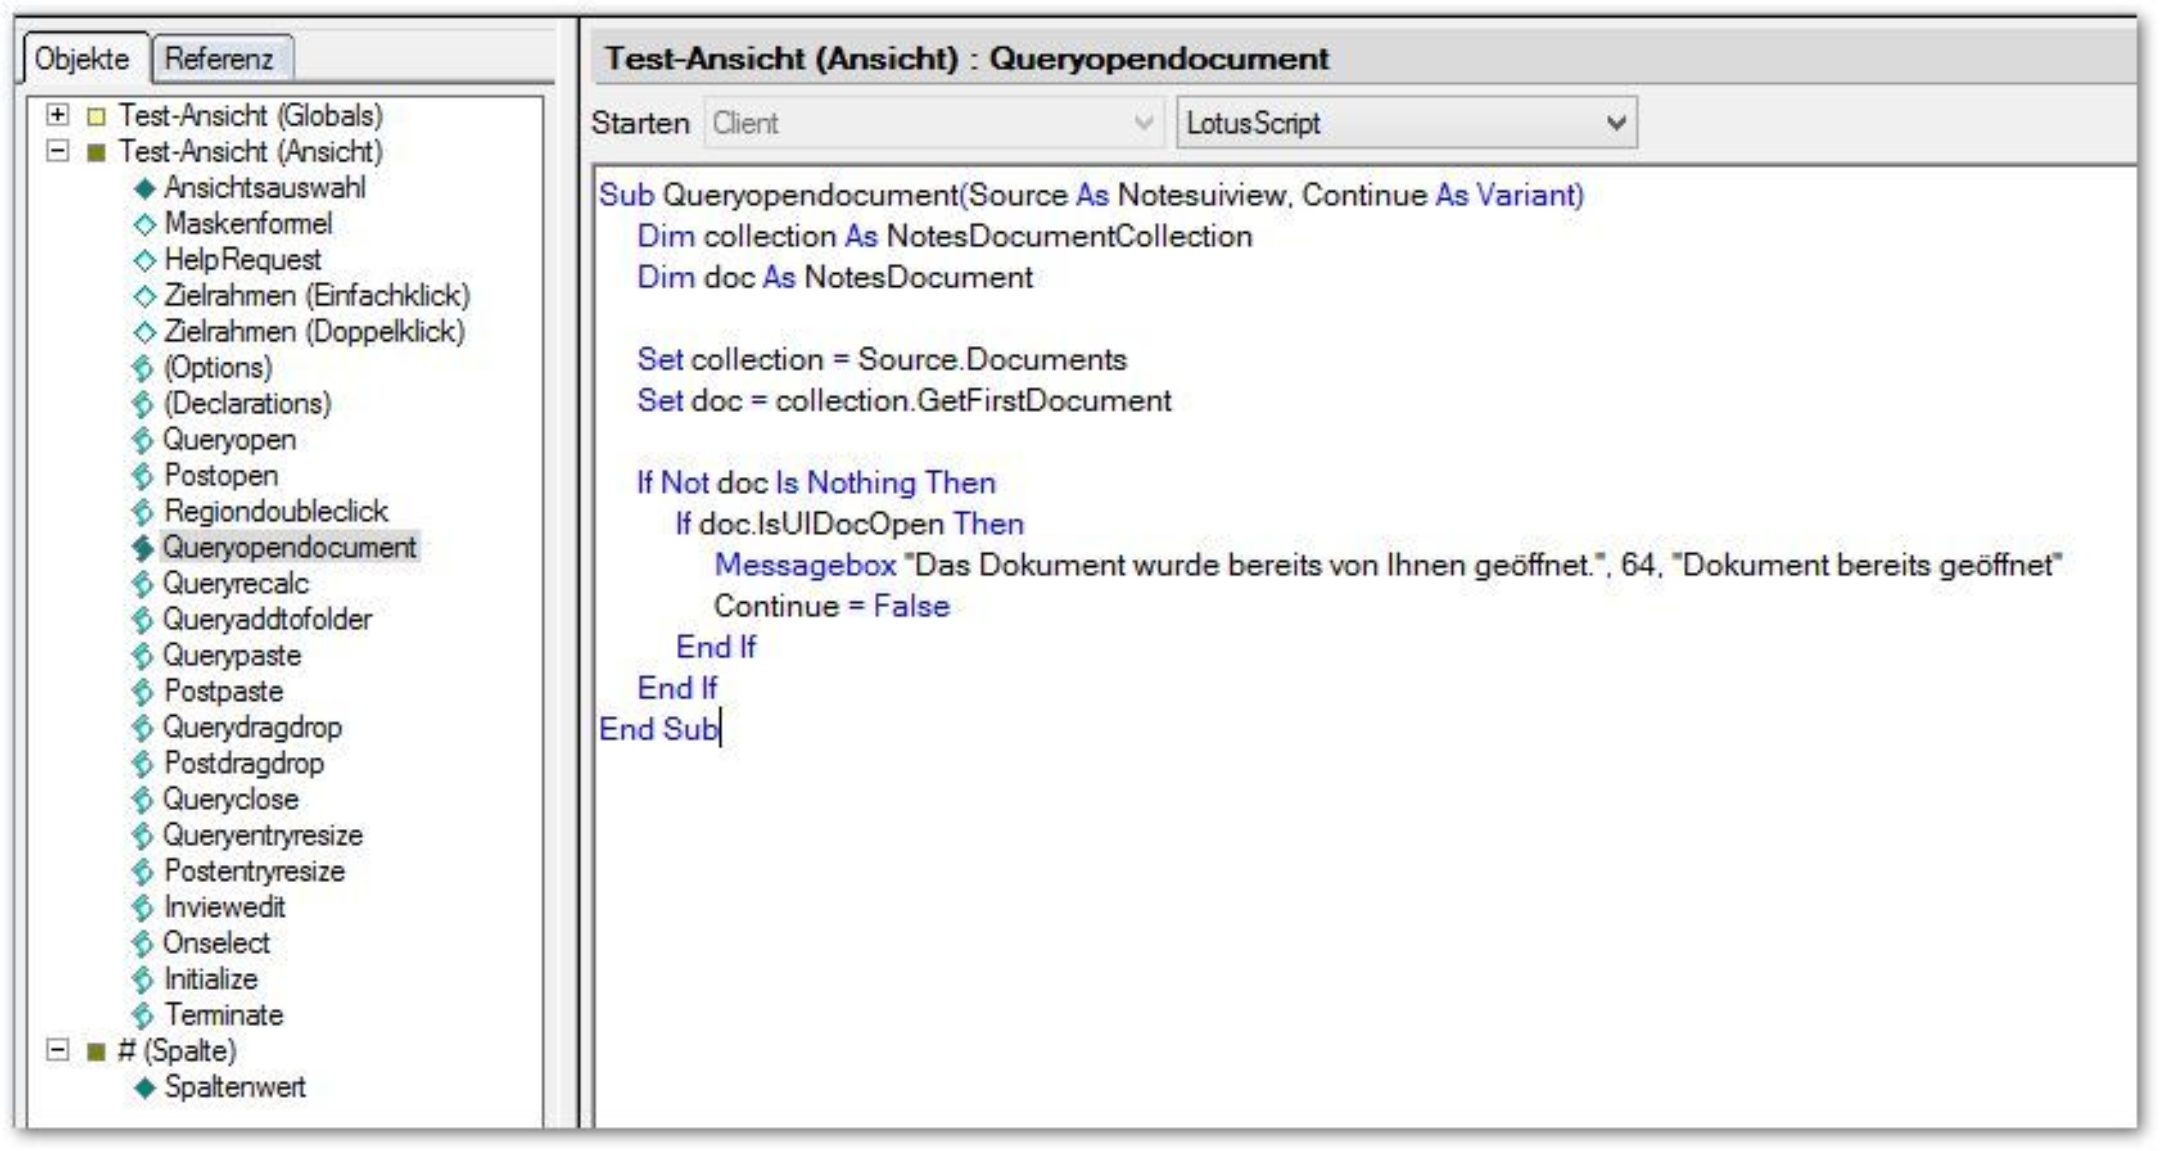 Doppeltes Öffnen von Dokumenten verhinden, um Replikationsfehler zu vermeiden